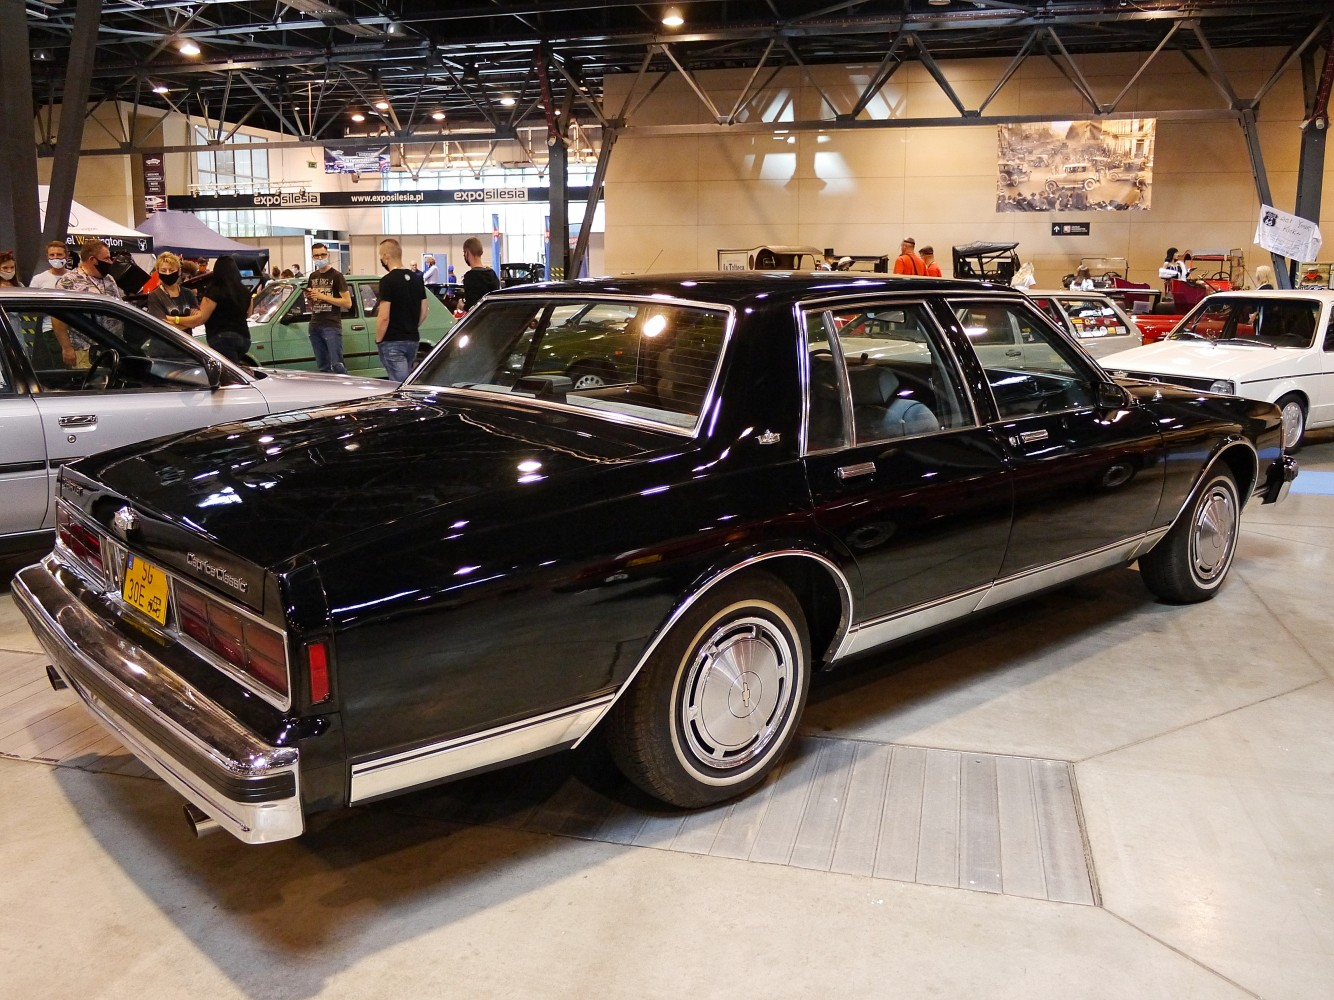 Kliknij obrazek, aby uzyskać większą wersję  Nazwa:Chevrolet Caprice.jpg Wyświetleń:70 Rozmiar:384,2 KB ID:232338